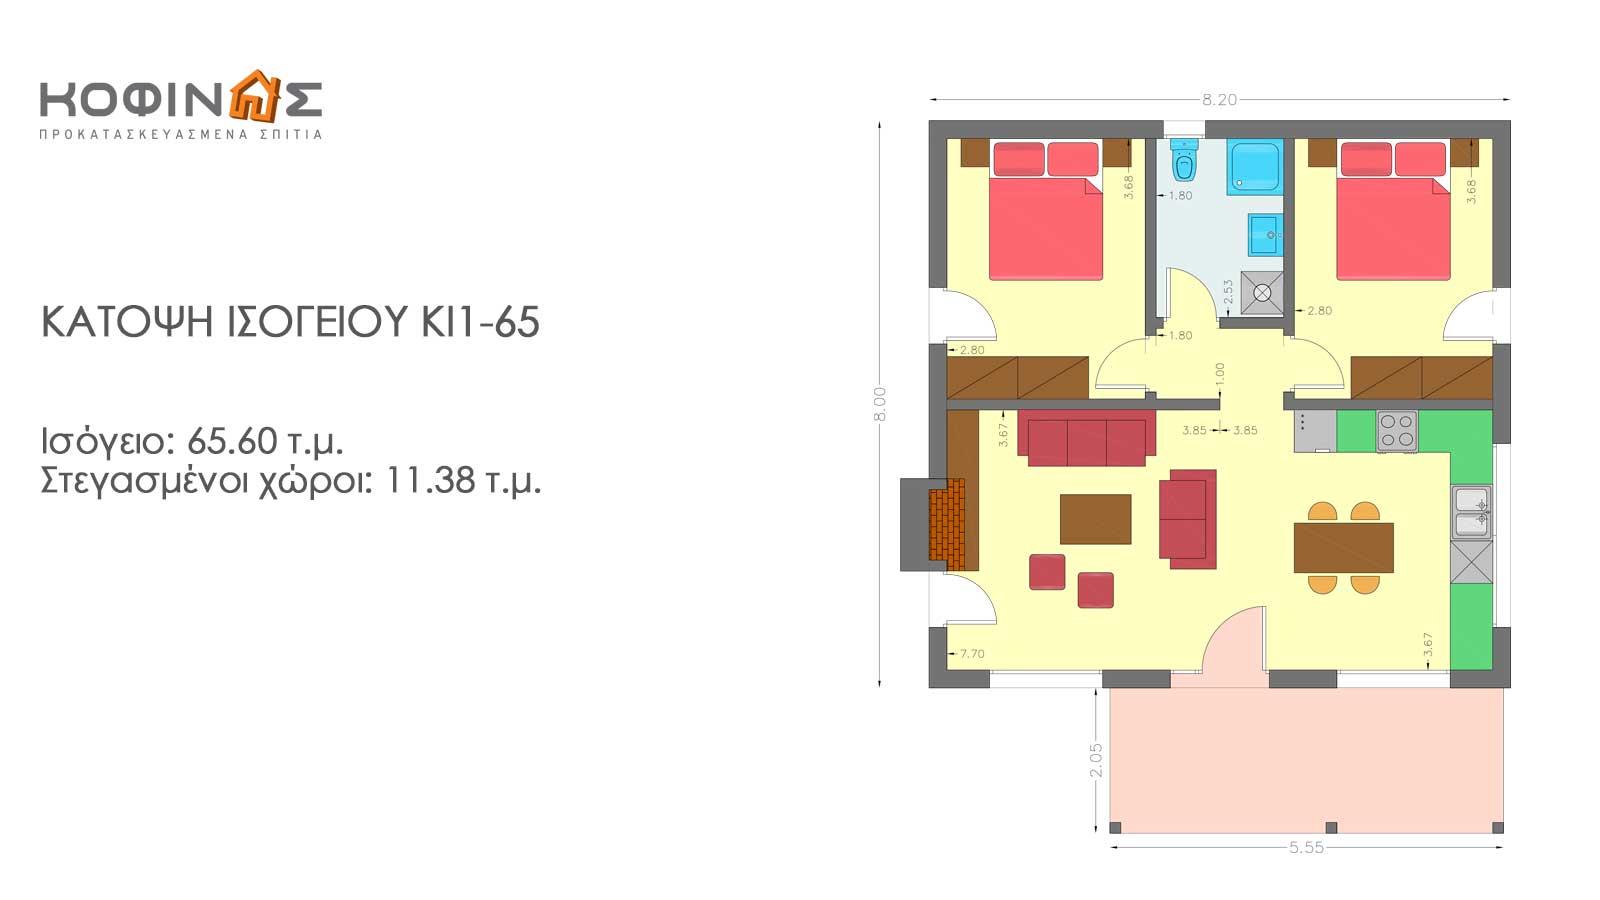 Ισόγεια Κατοικία KI1-65, συνολικής επιφάνειας 65,60 τ.μ.